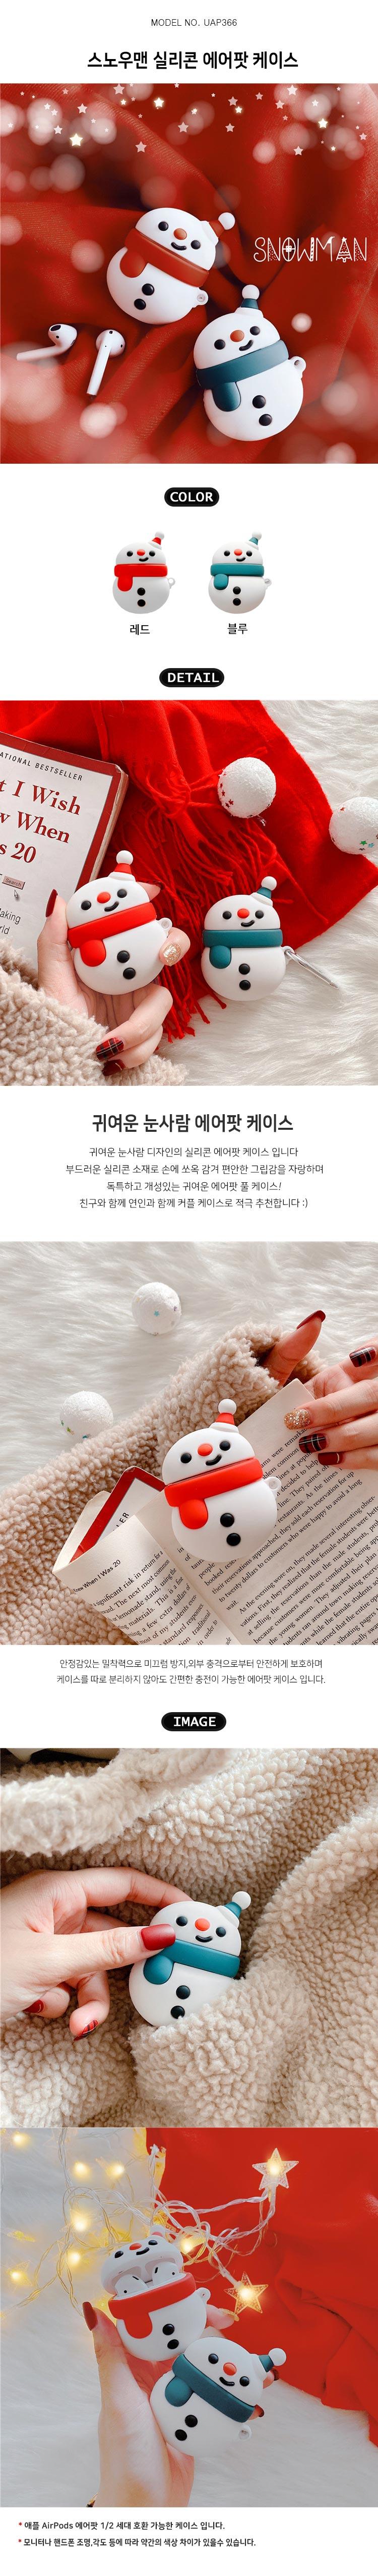 에어팟 케이스 1/2 커플 눈사람 캐릭터 실리콘 고리형 - 유니커블, 7,800원, 이어폰, 이어폰 악세서리